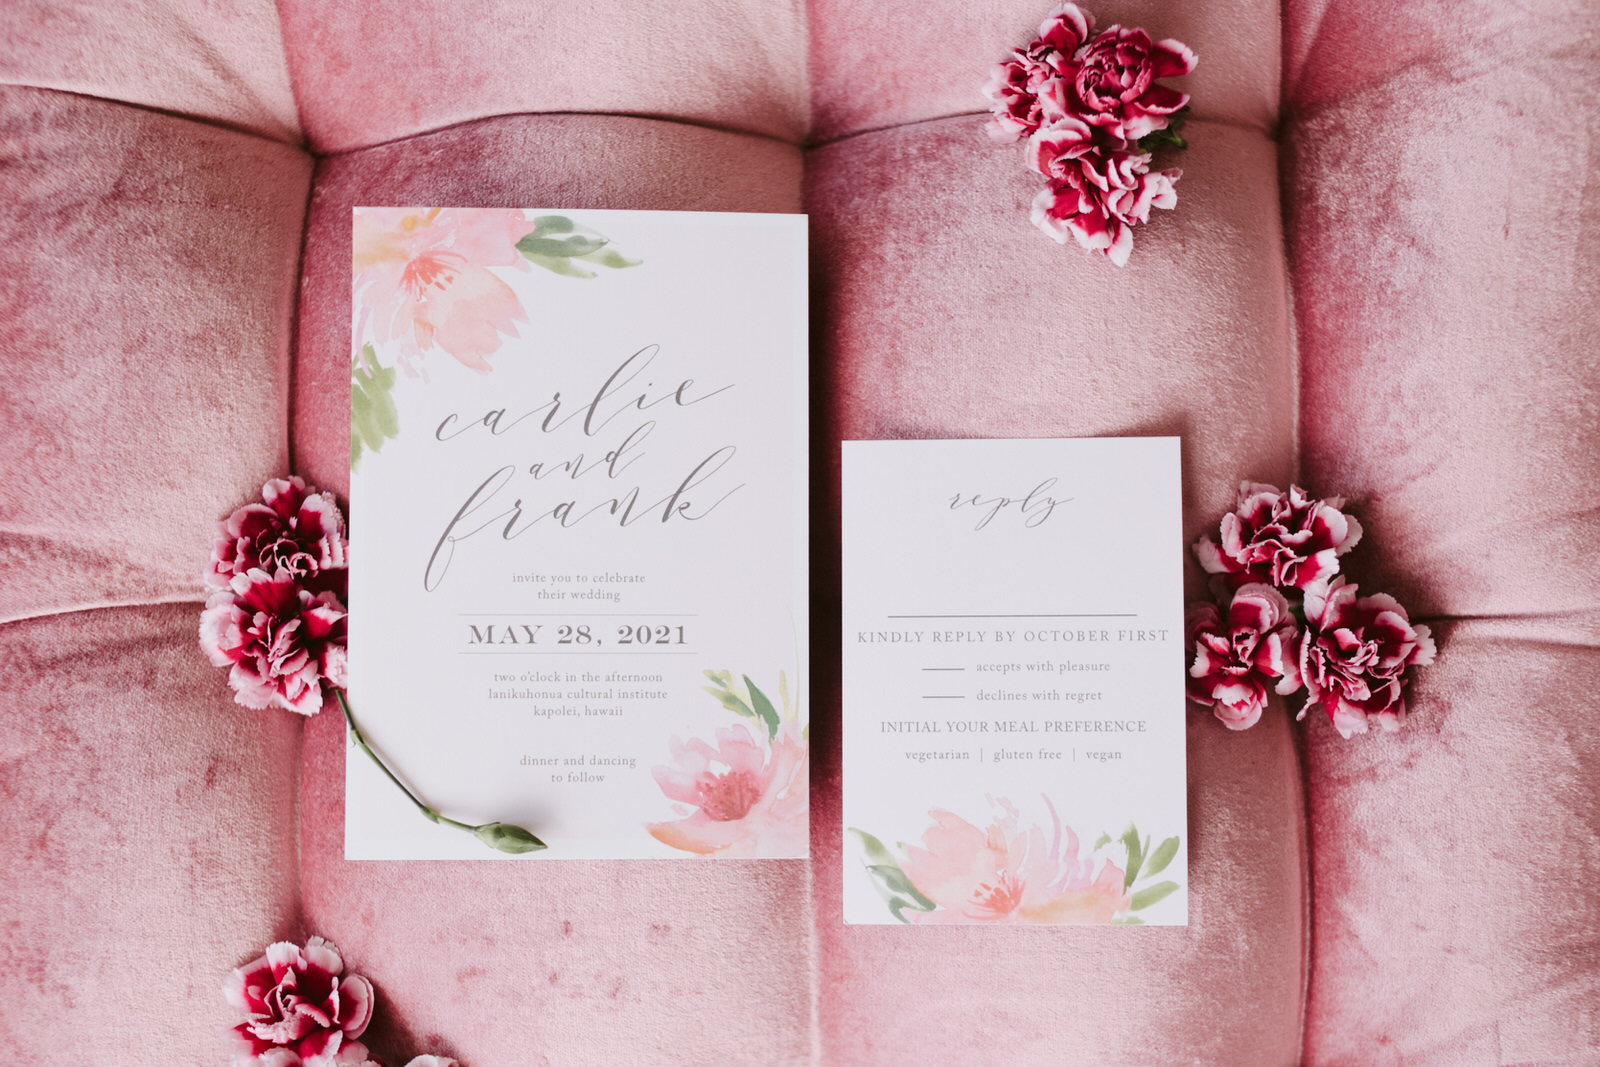 Basic-Invite-SarahJualPhoto-watercolor-flowers.jpg